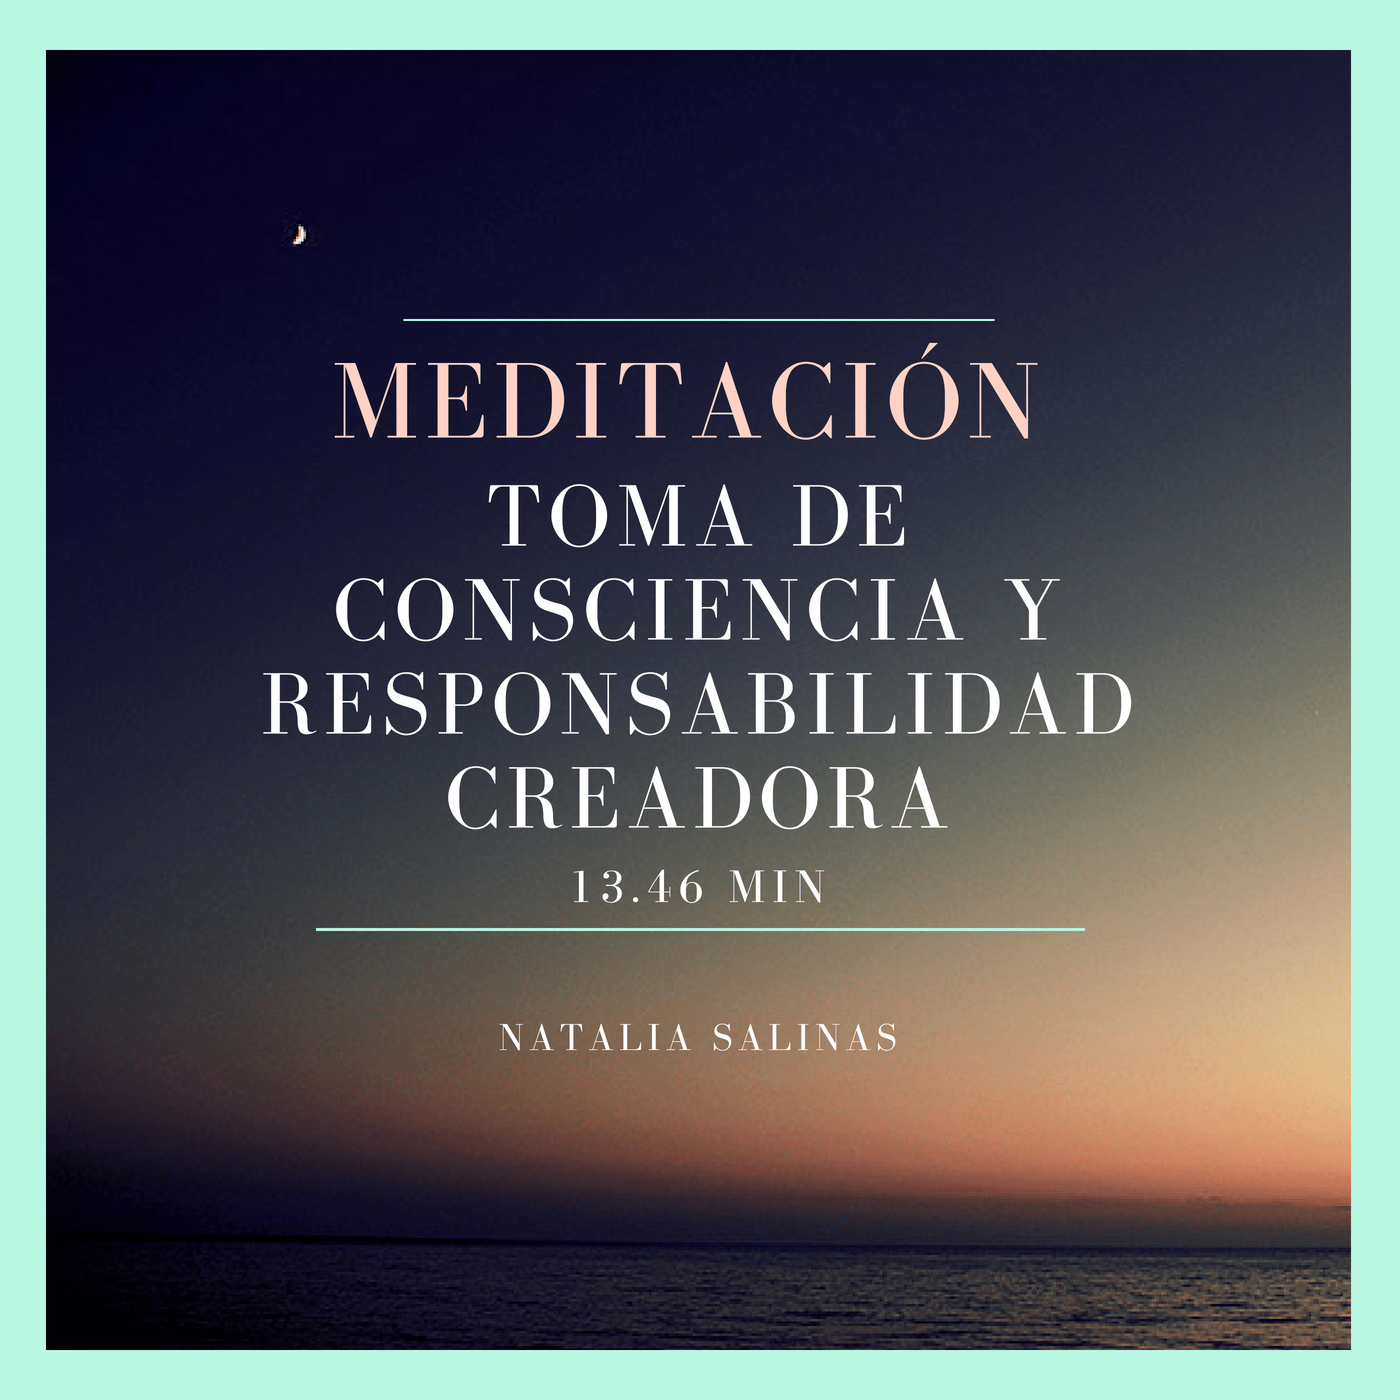 Meditación toma de conciencia y responsabilidad creadora